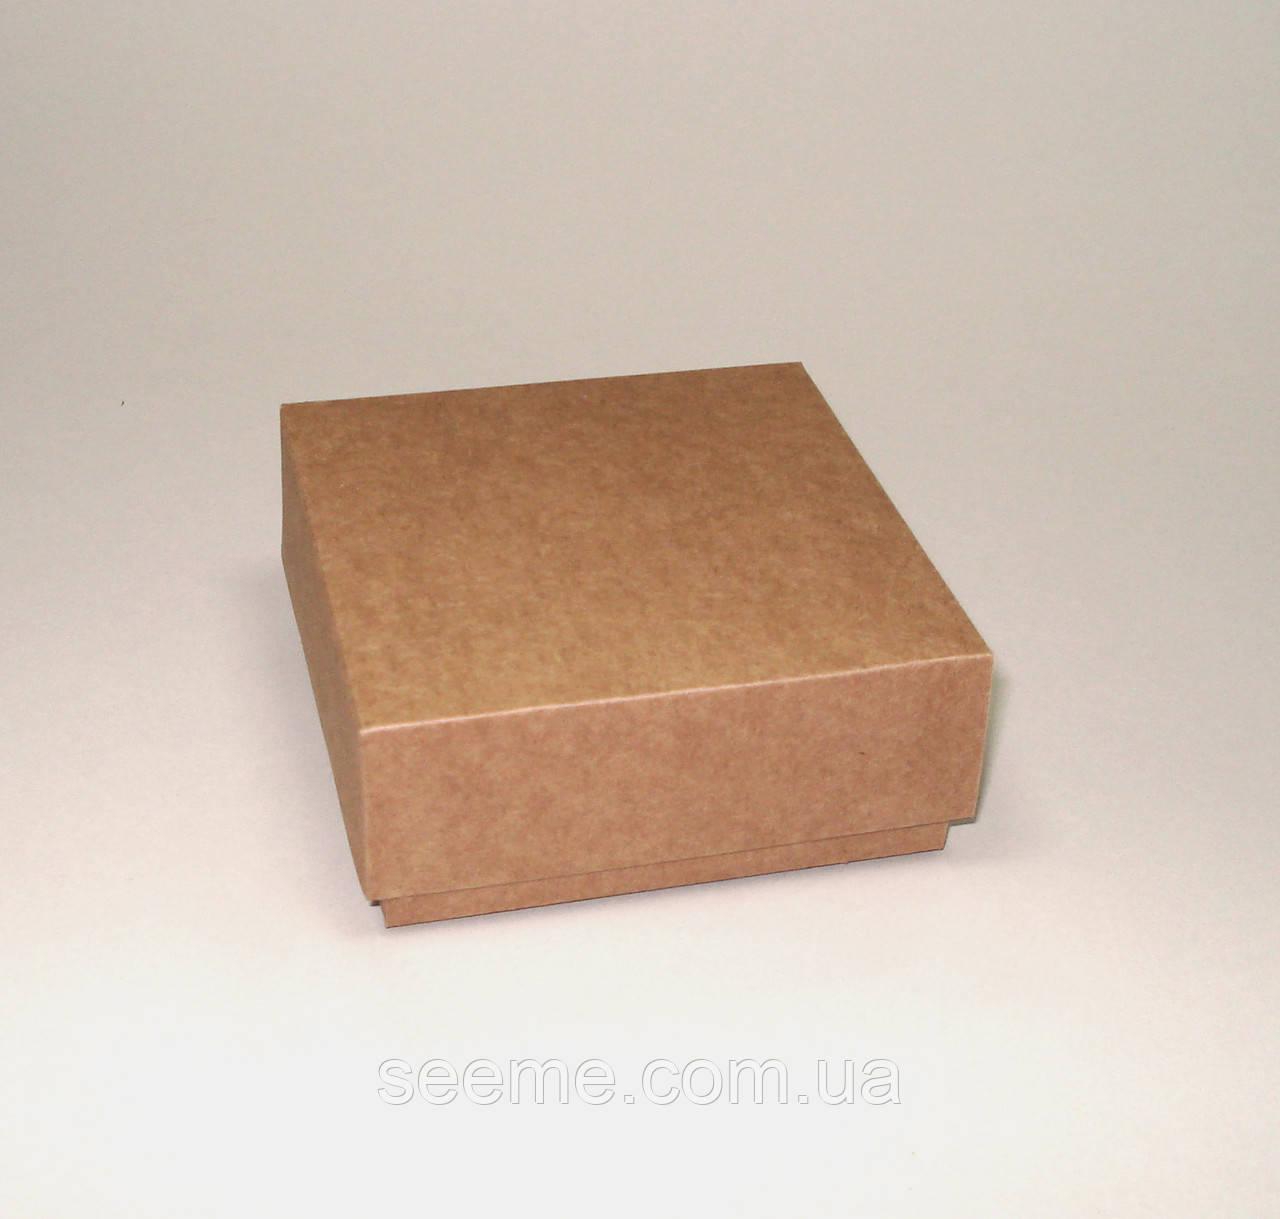 Коробка подарочная из крафт картона 85x85x35 мм.